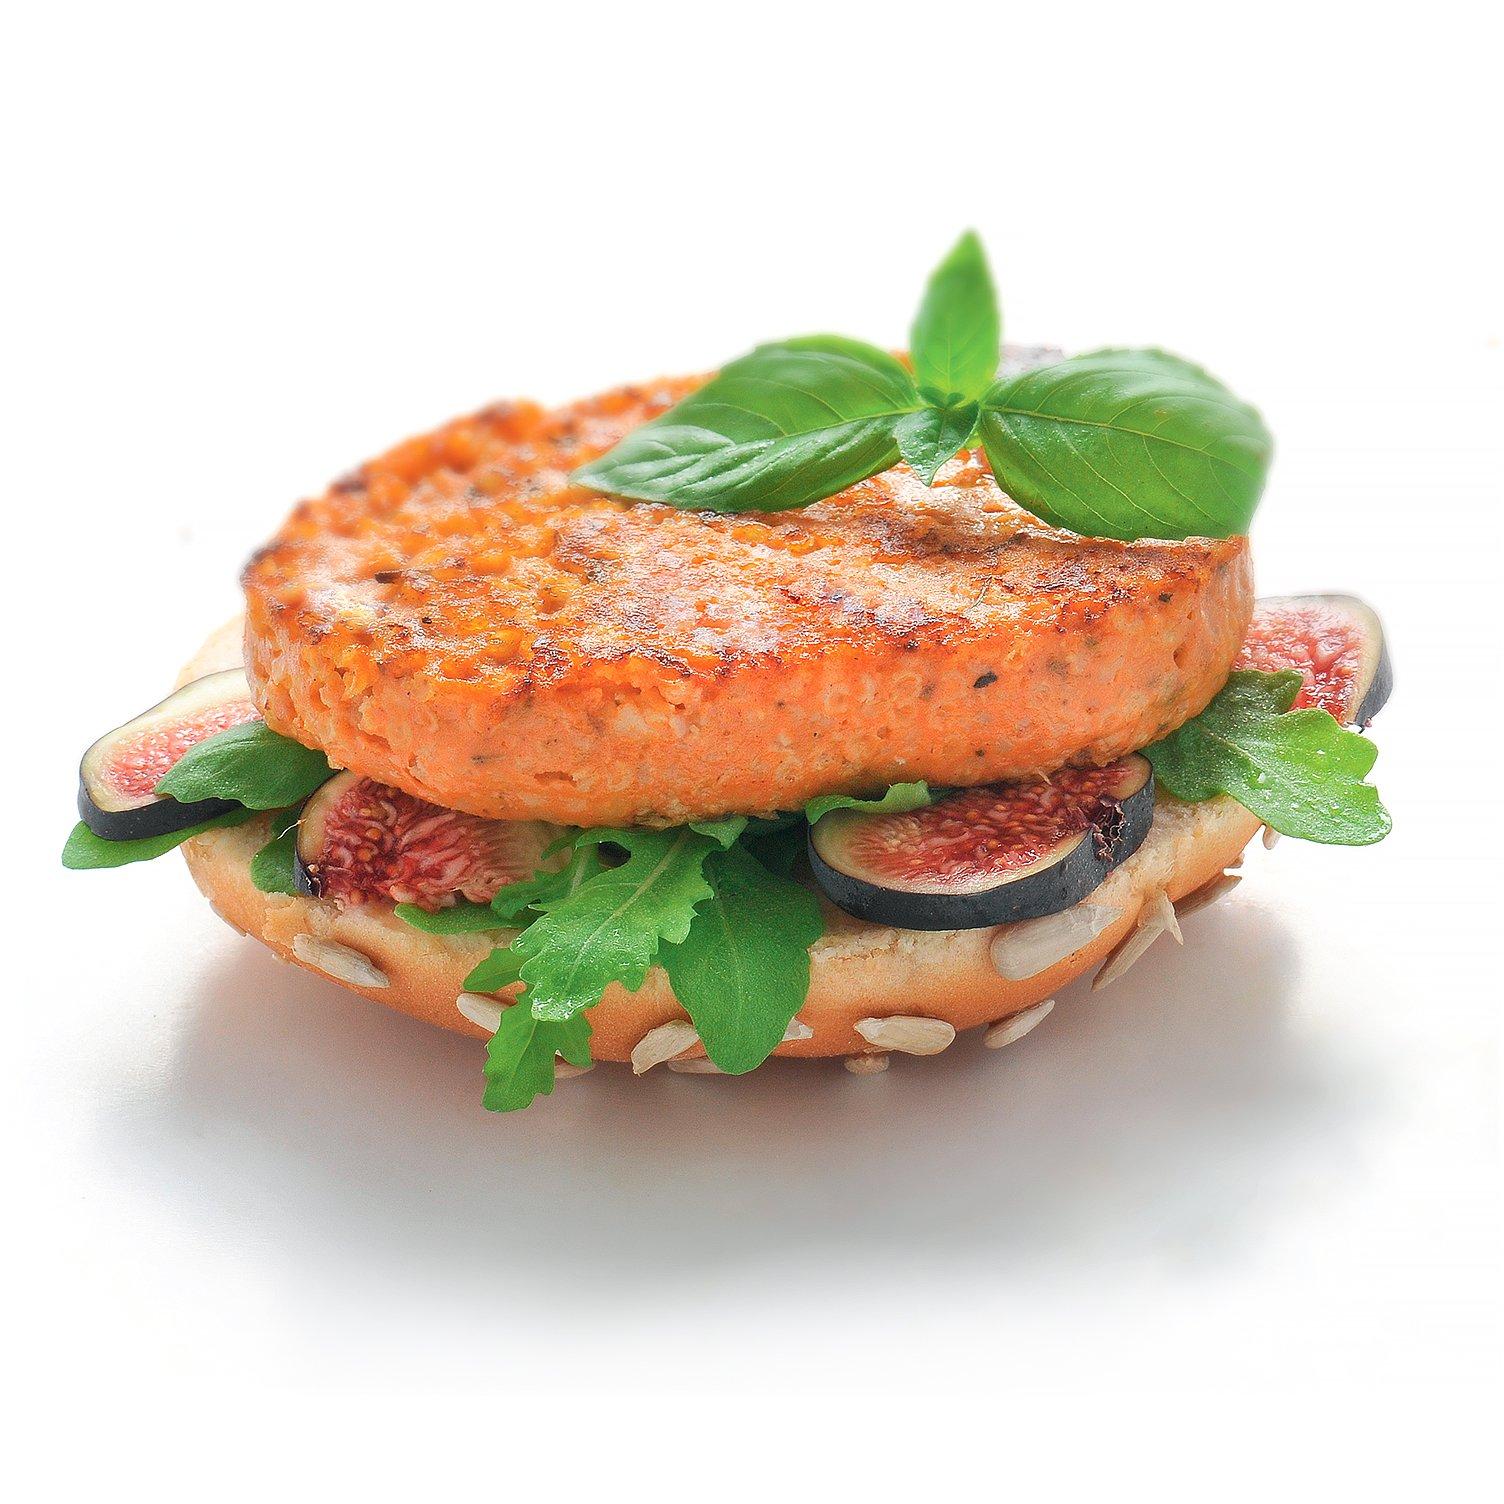 Burger avec galette végétale au millet & provençale